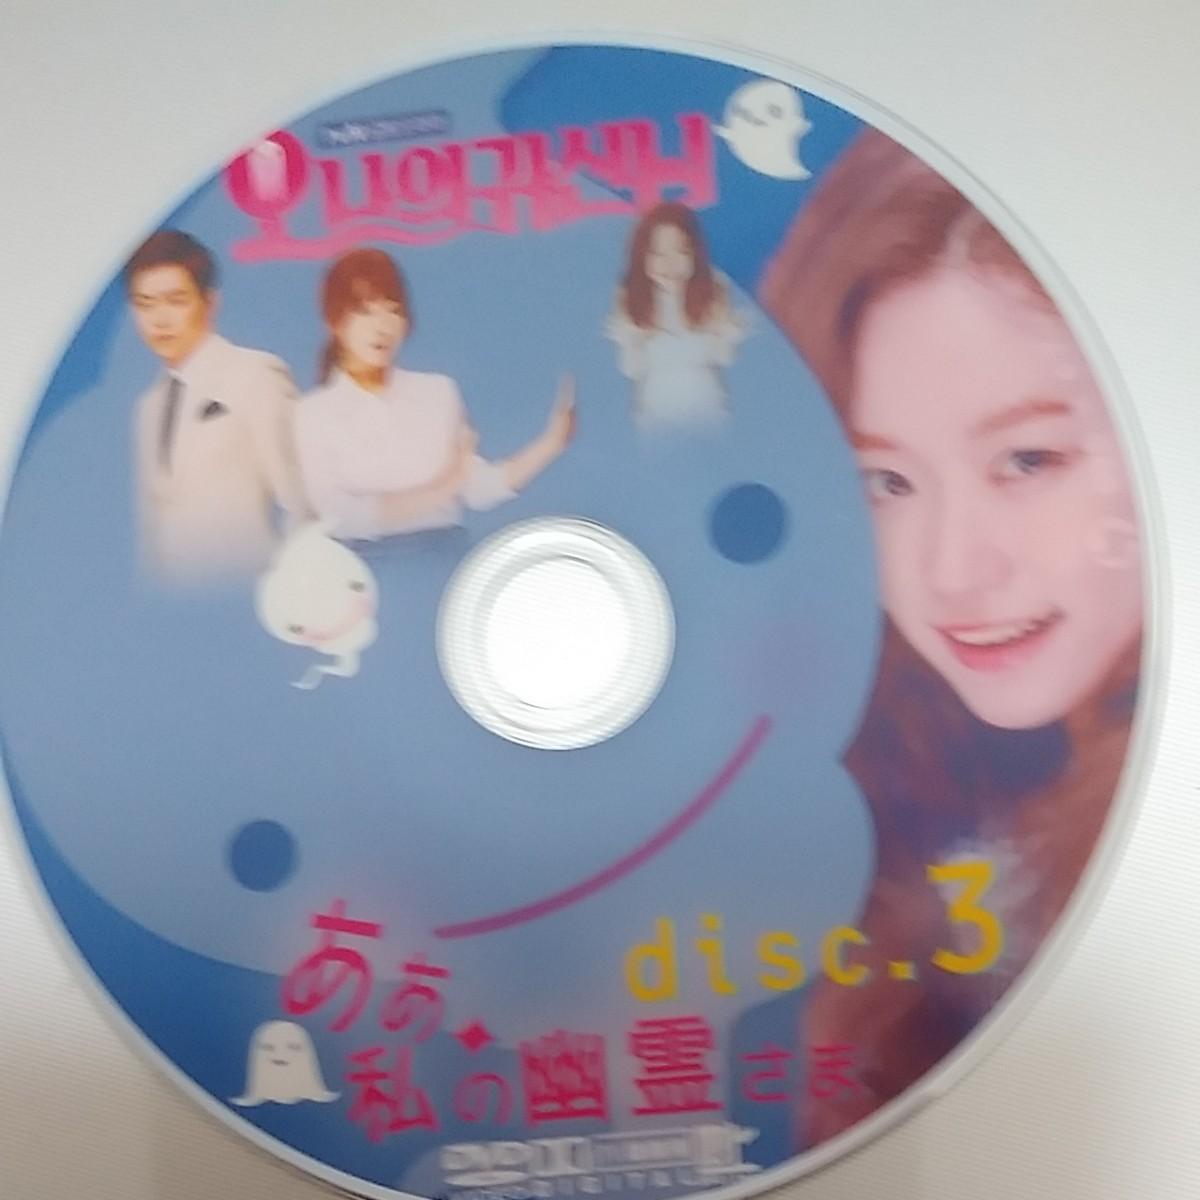 韓国ドラマ《ああ私の幽霊さま》出演チョ・ジョンソク、パク・ボヨン、キム・スルギ DVD8枚全16話 レーベル印刷有 不織布発送